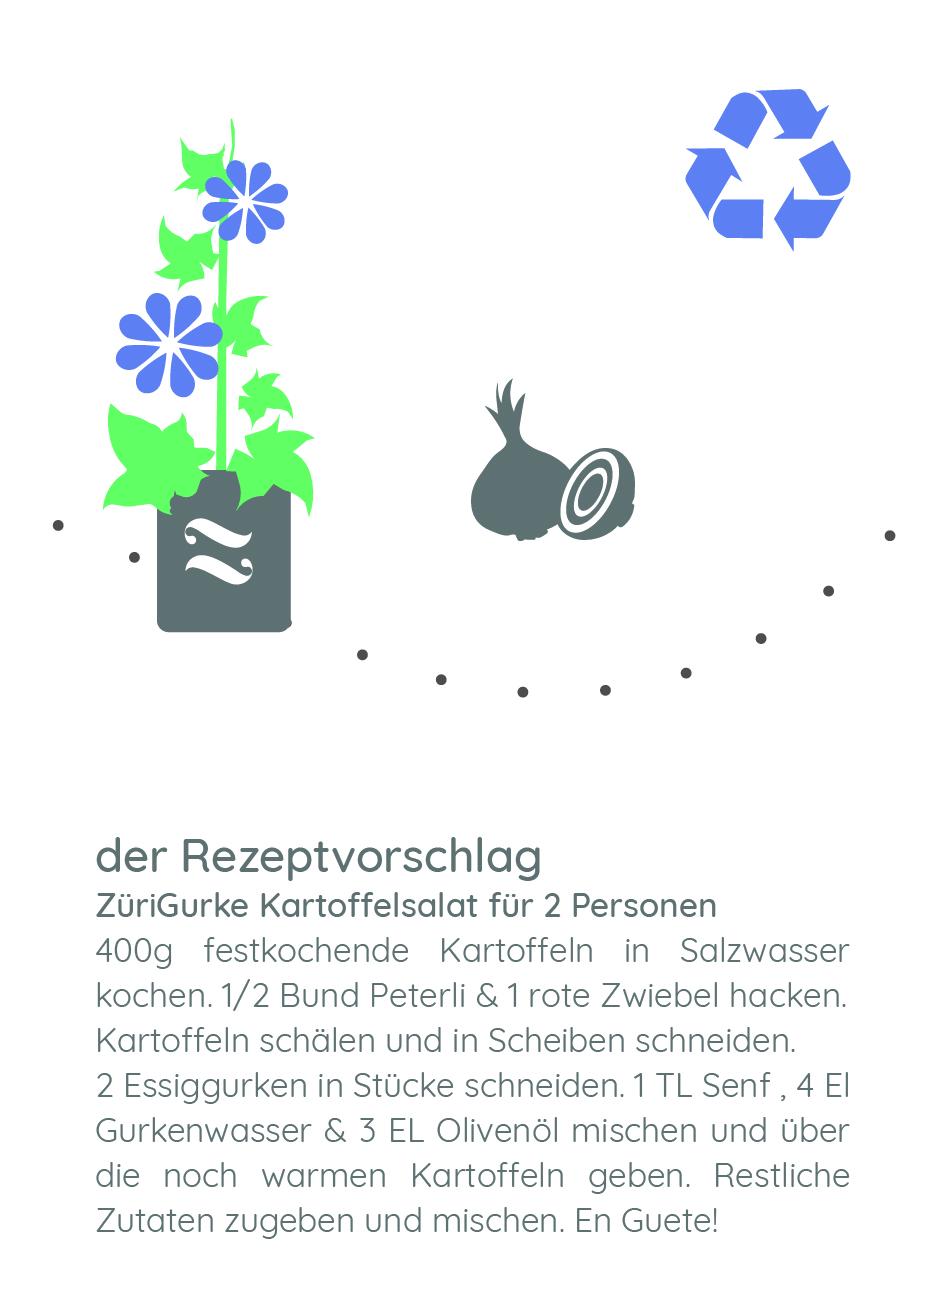 ZGP_Flyer_02_Flyer copy 2